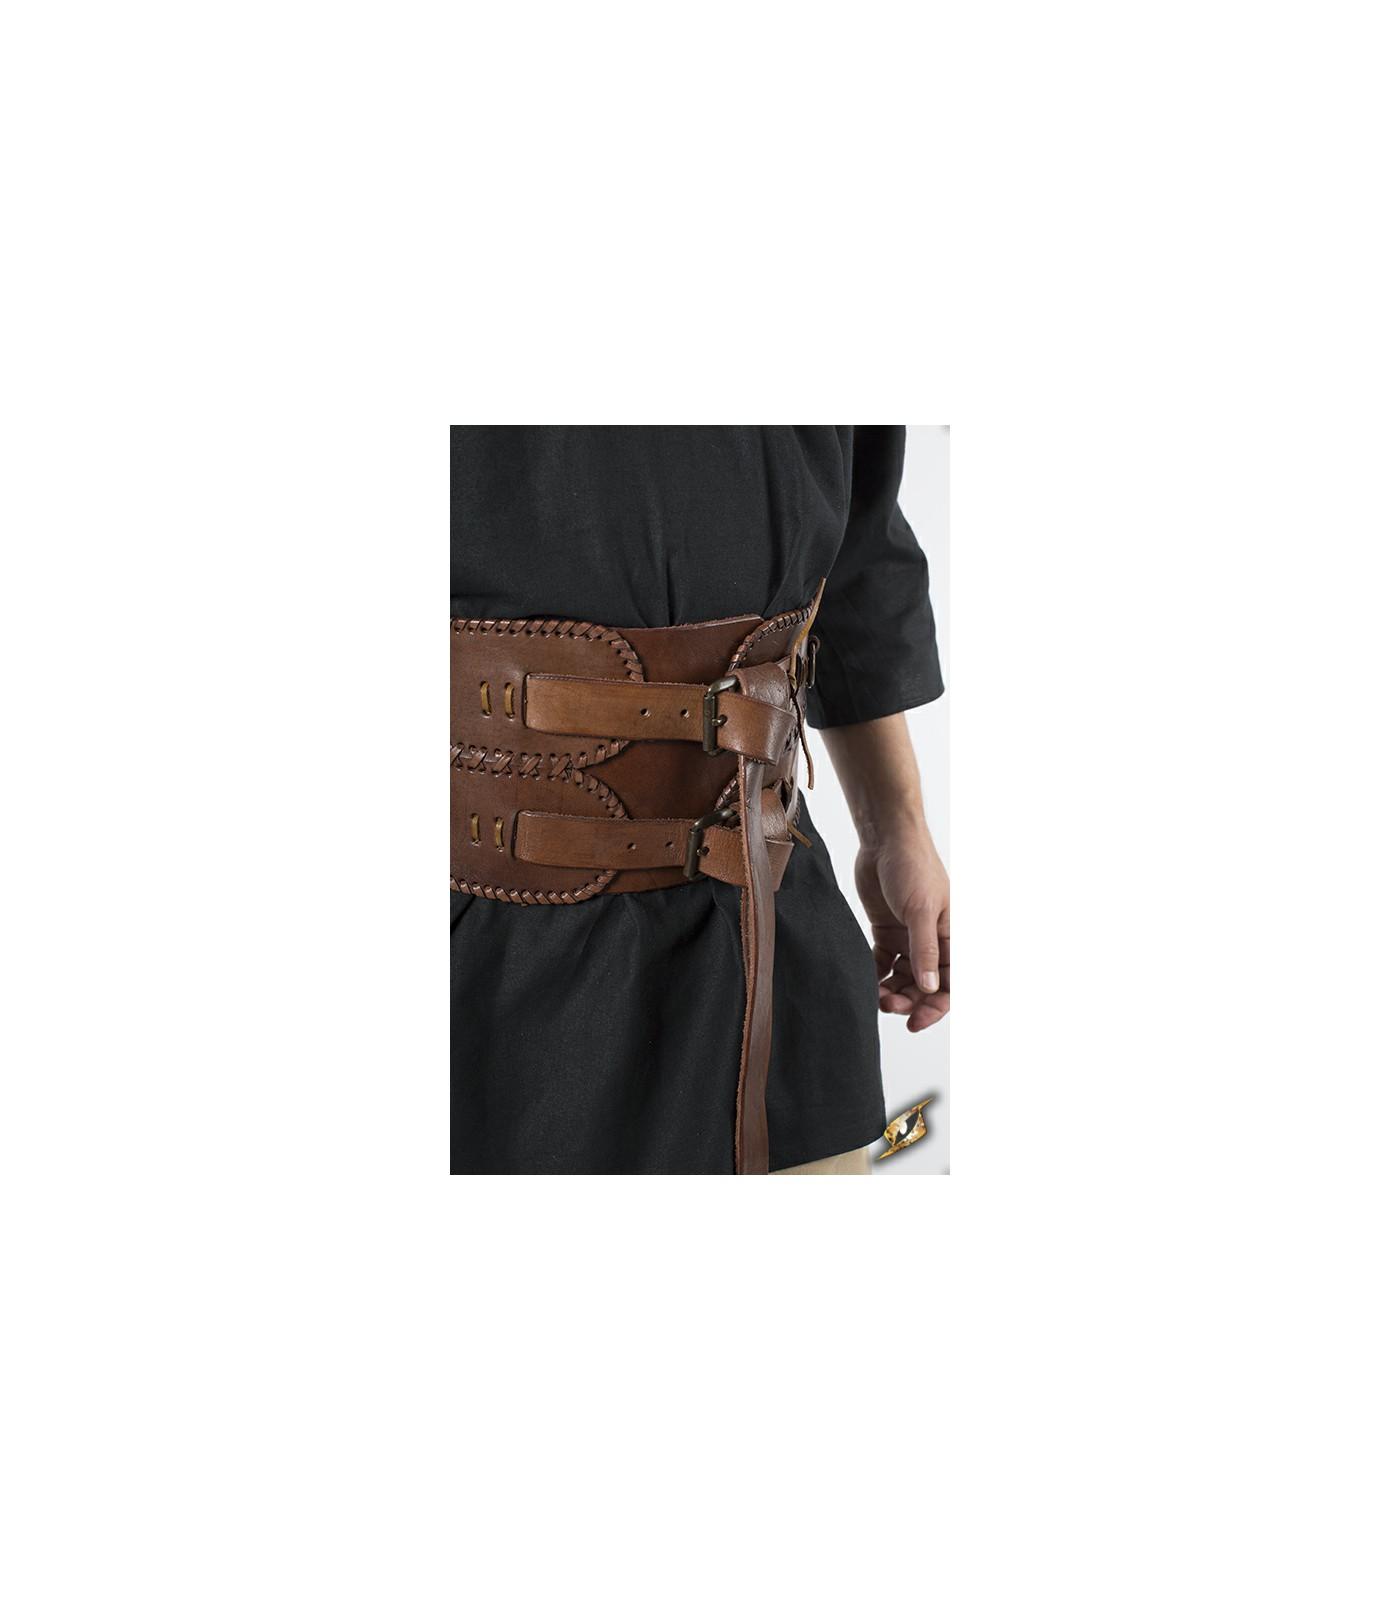 Cinturón Ancho en Marrón - Eviltailors 1a73b4cb641f